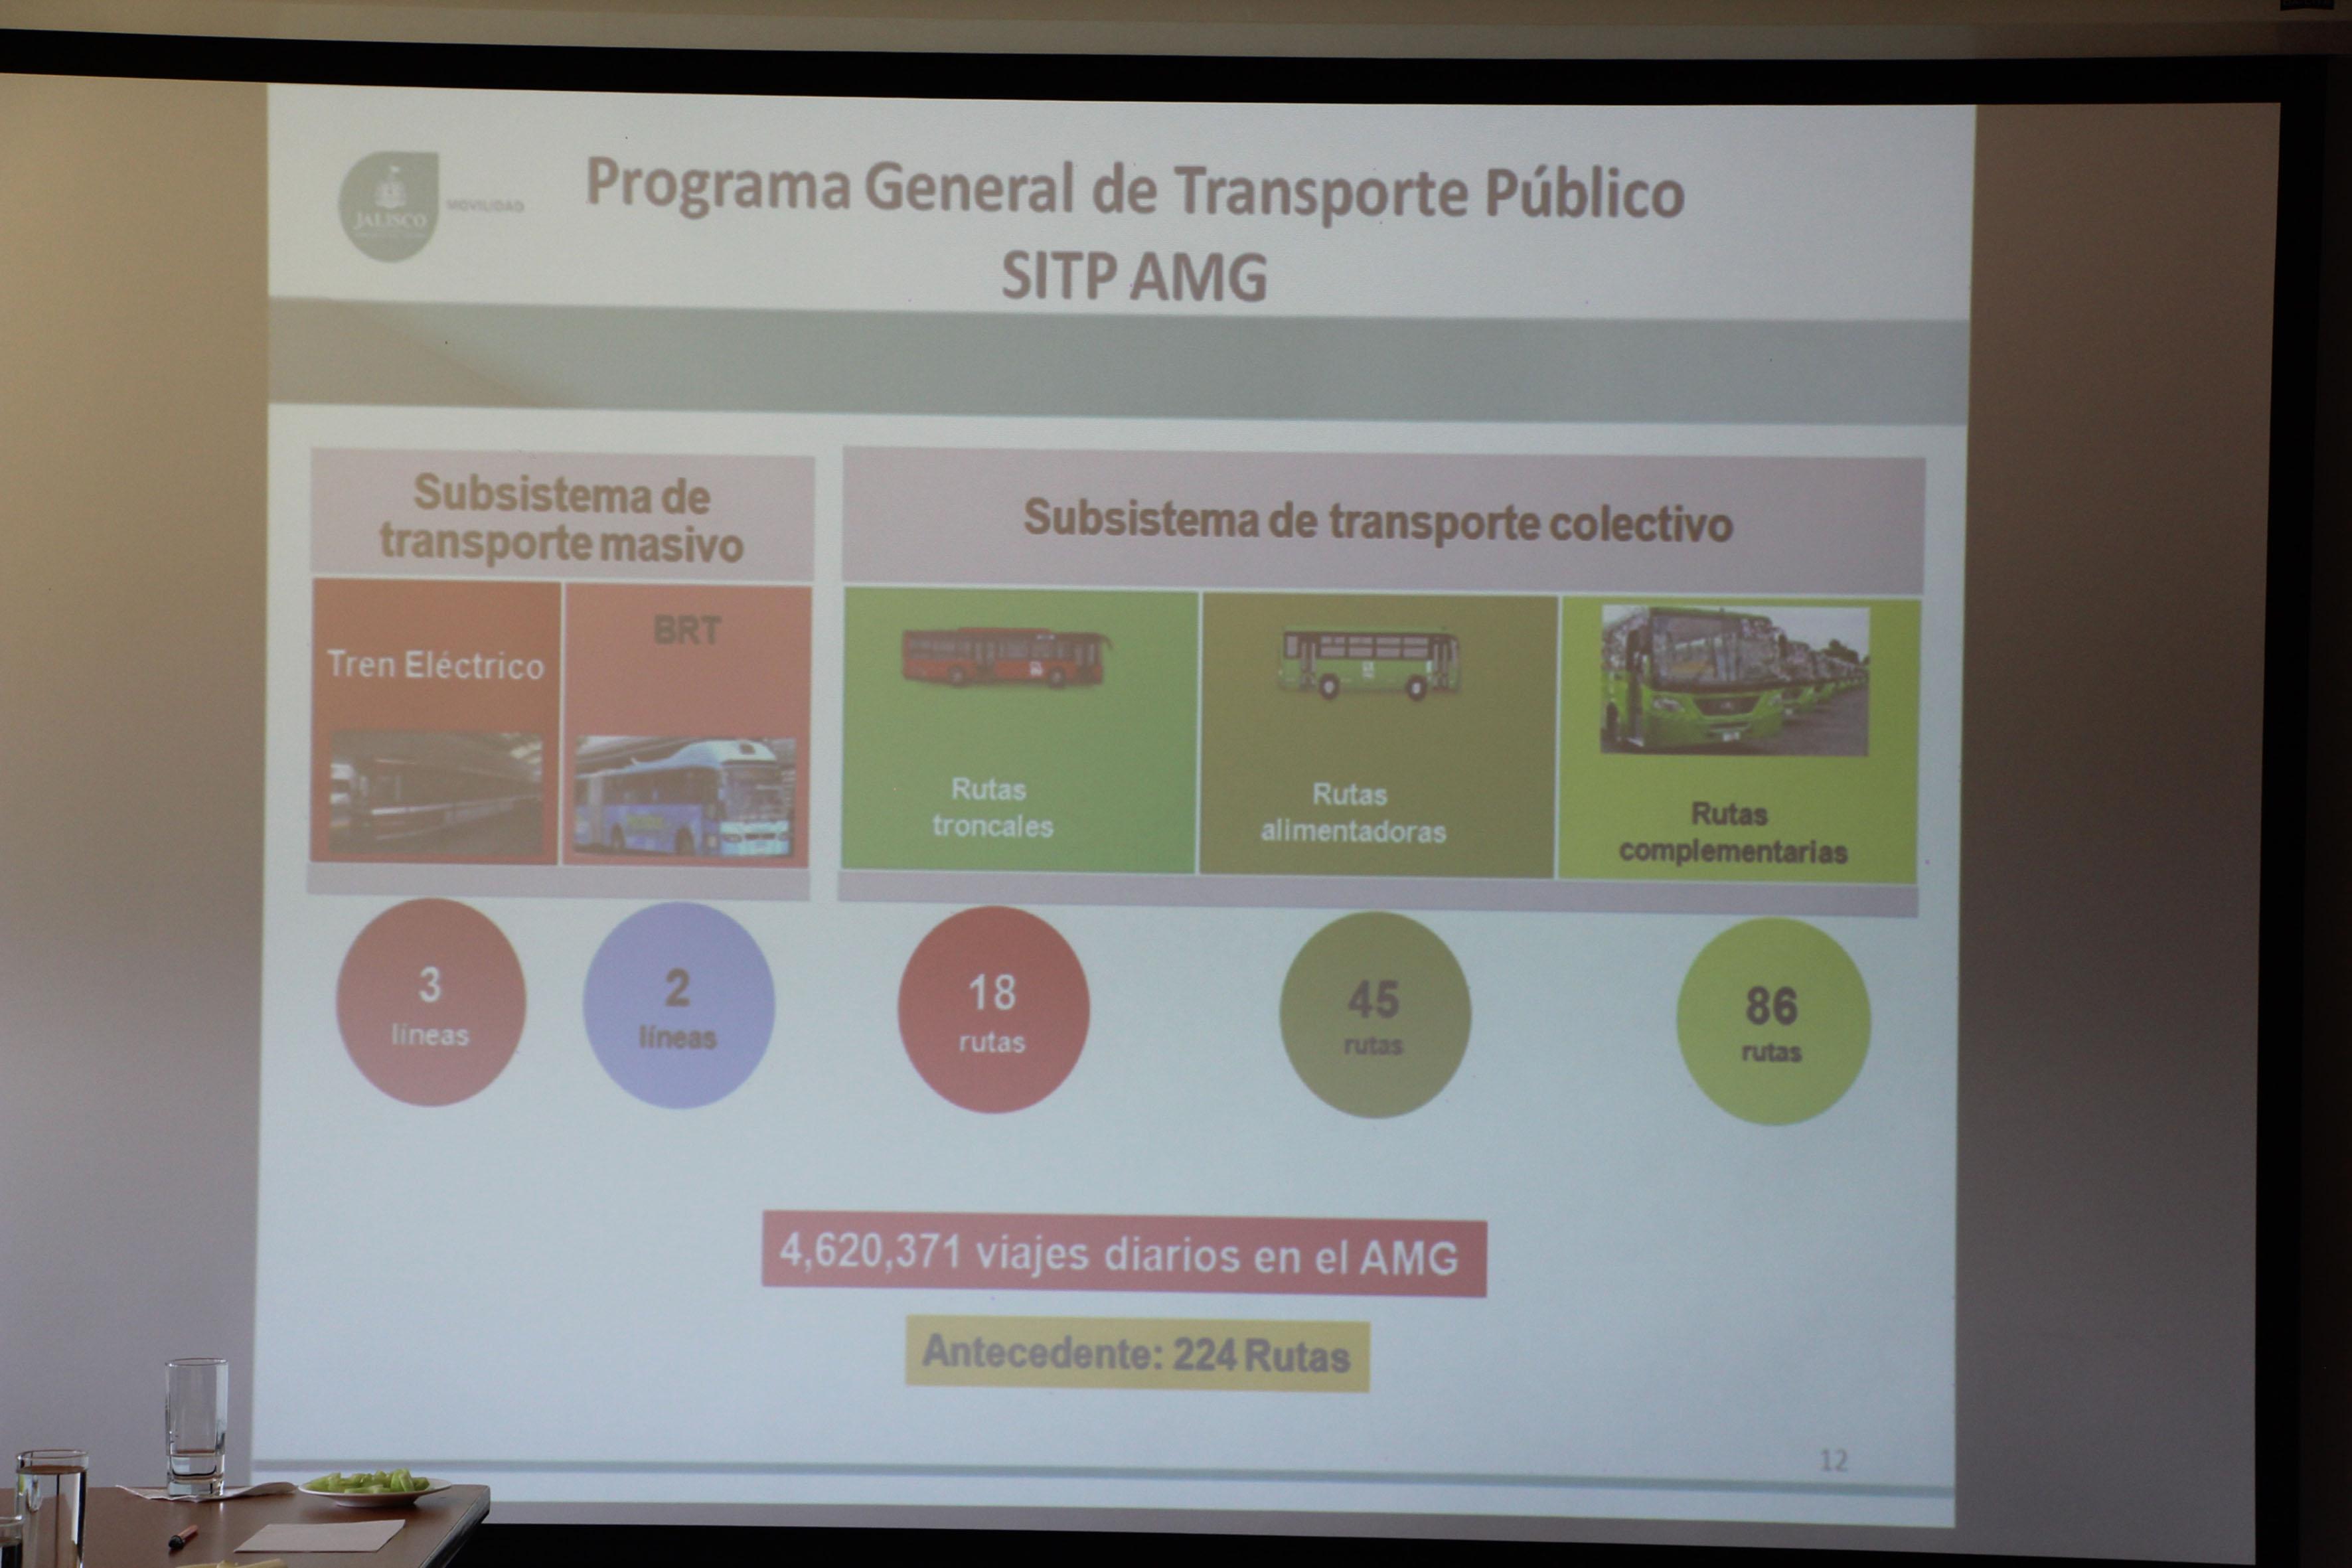 Presentación del programa general de transporte público SITP AMG.